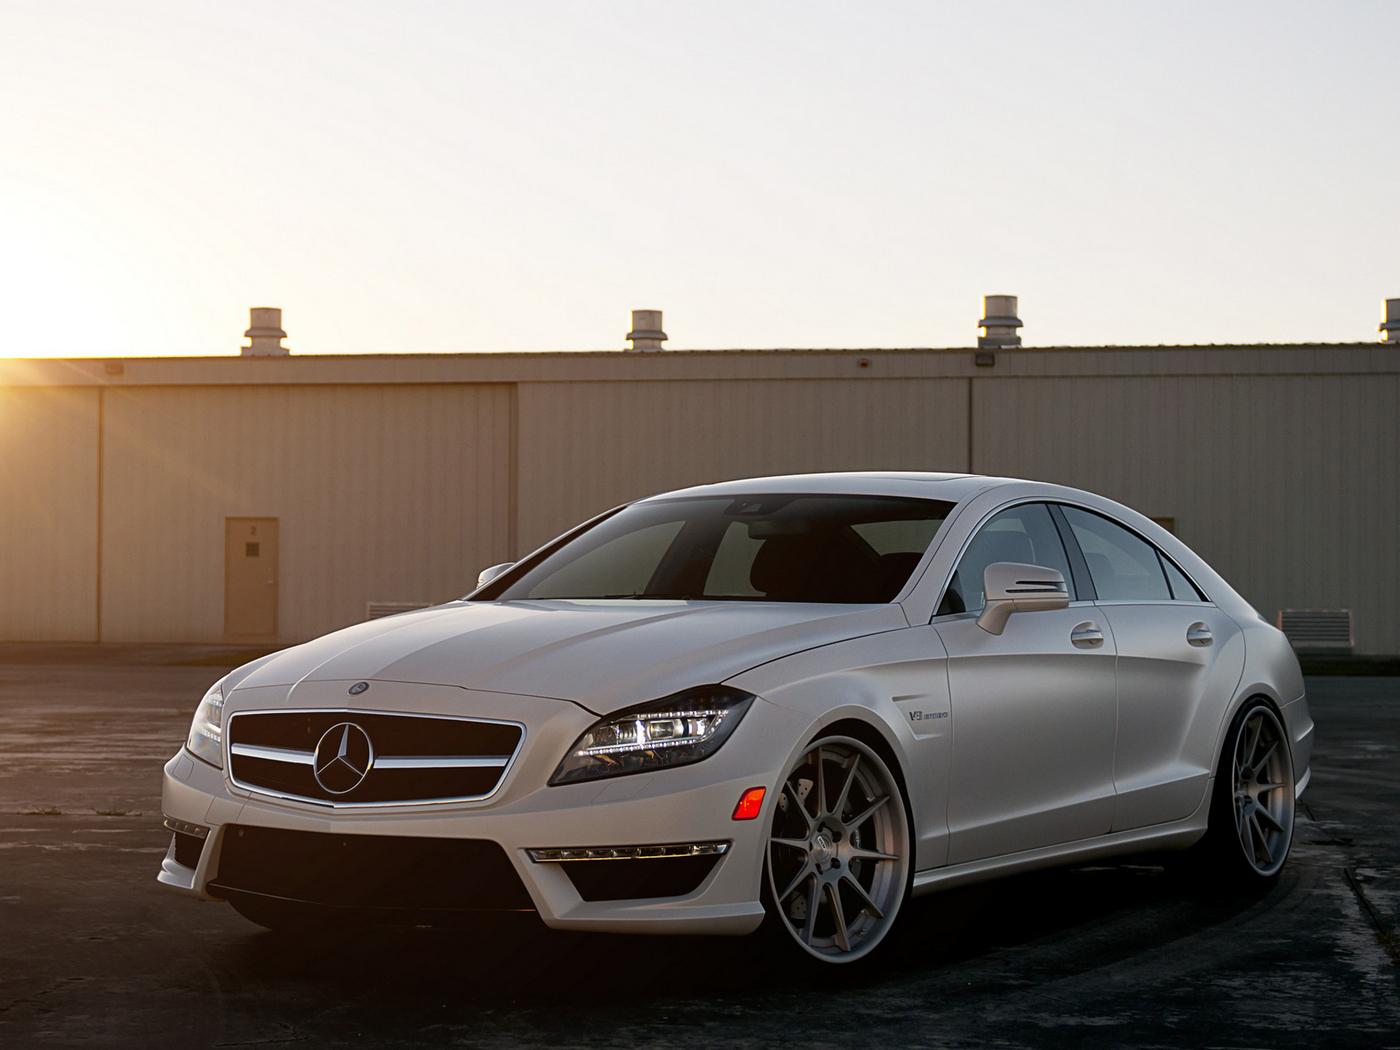 32515 скачать обои Транспорт, Машины, Мерседес (Mercedes) - заставки и картинки бесплатно